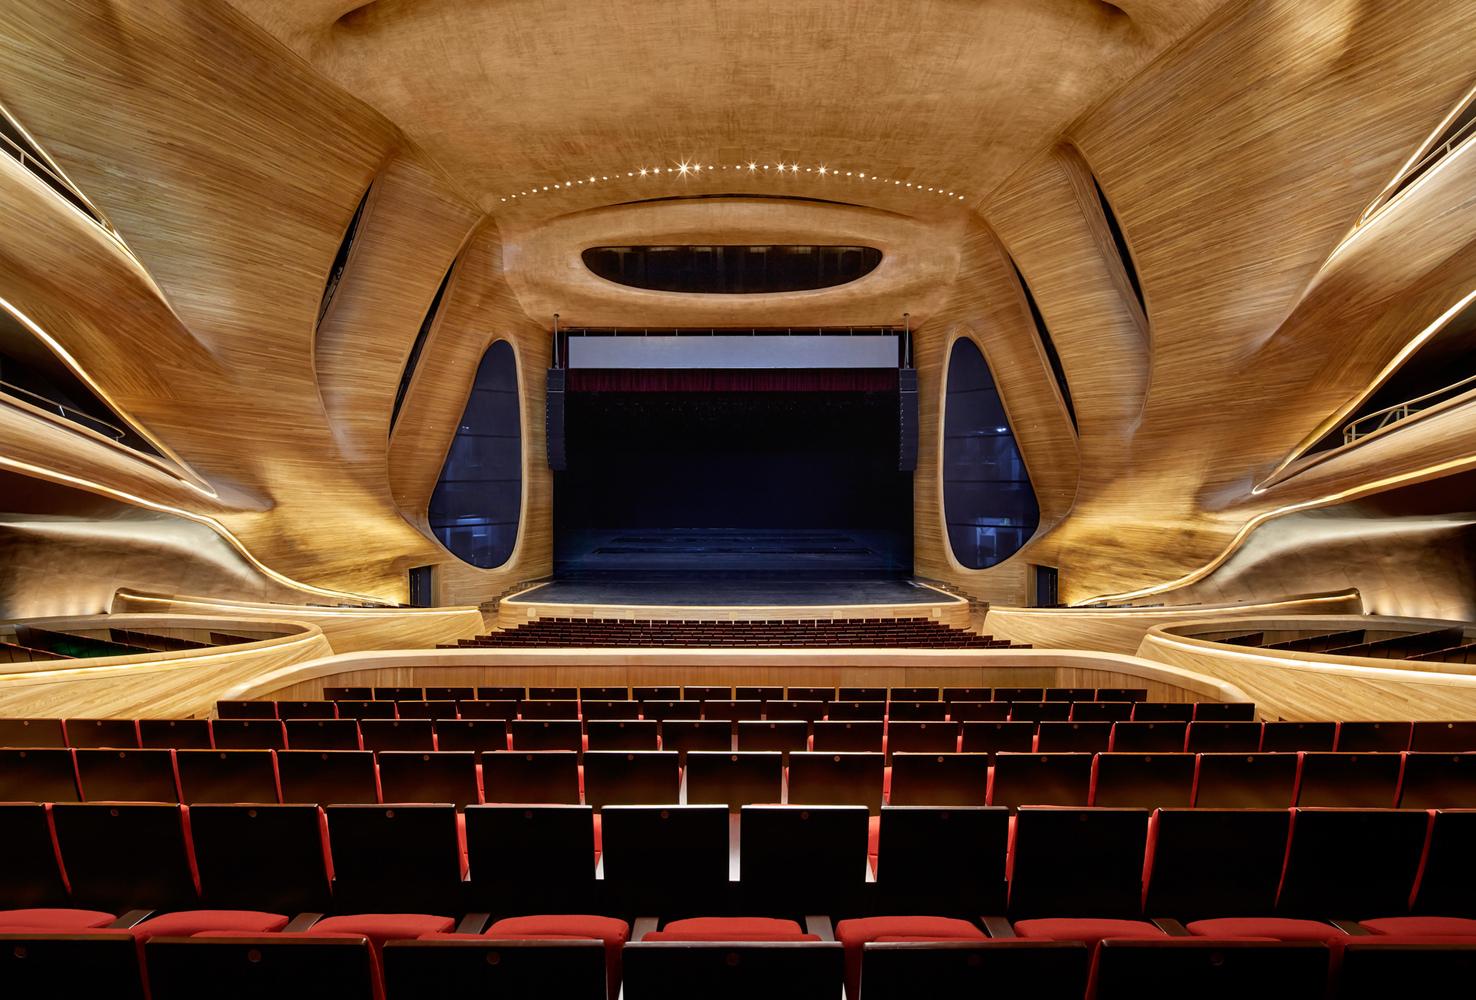 Arquitectura cultural: Ópera de Harbin